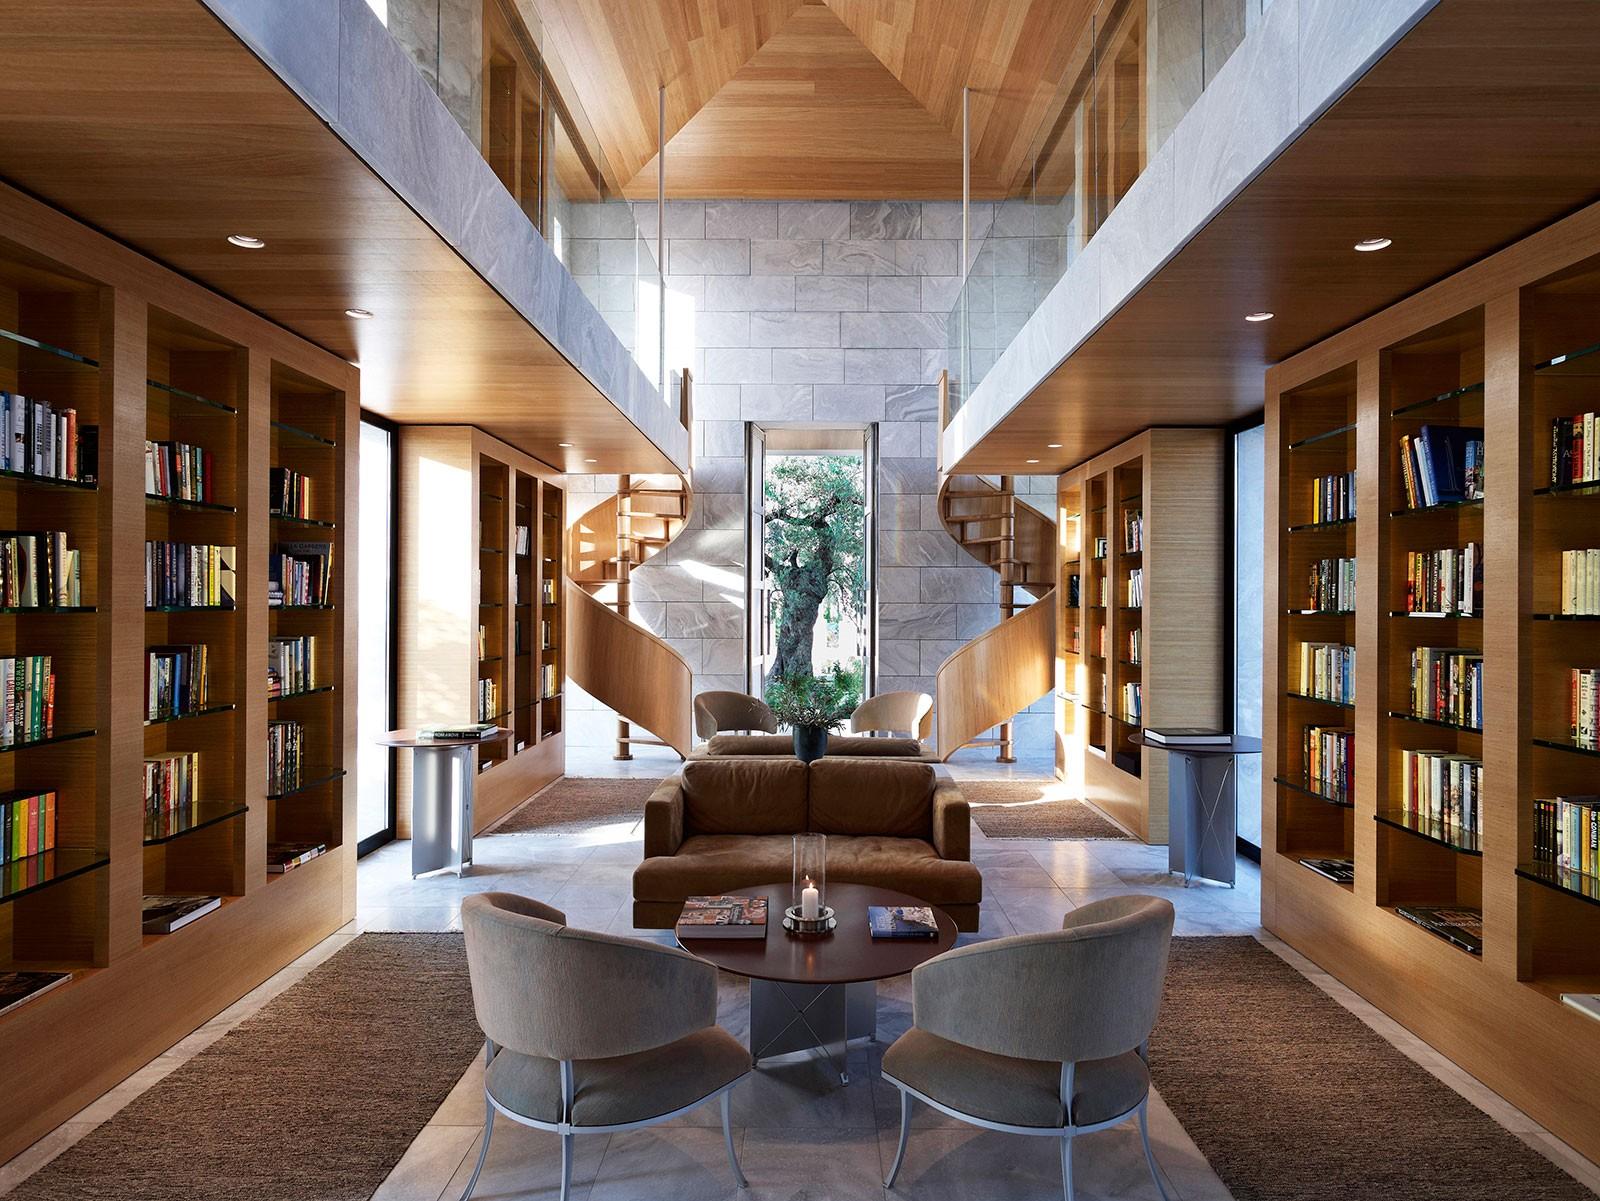 希腊安缦索伊酒店amanzoe 度假村 现代风格 原木色 棕色  图书馆图片